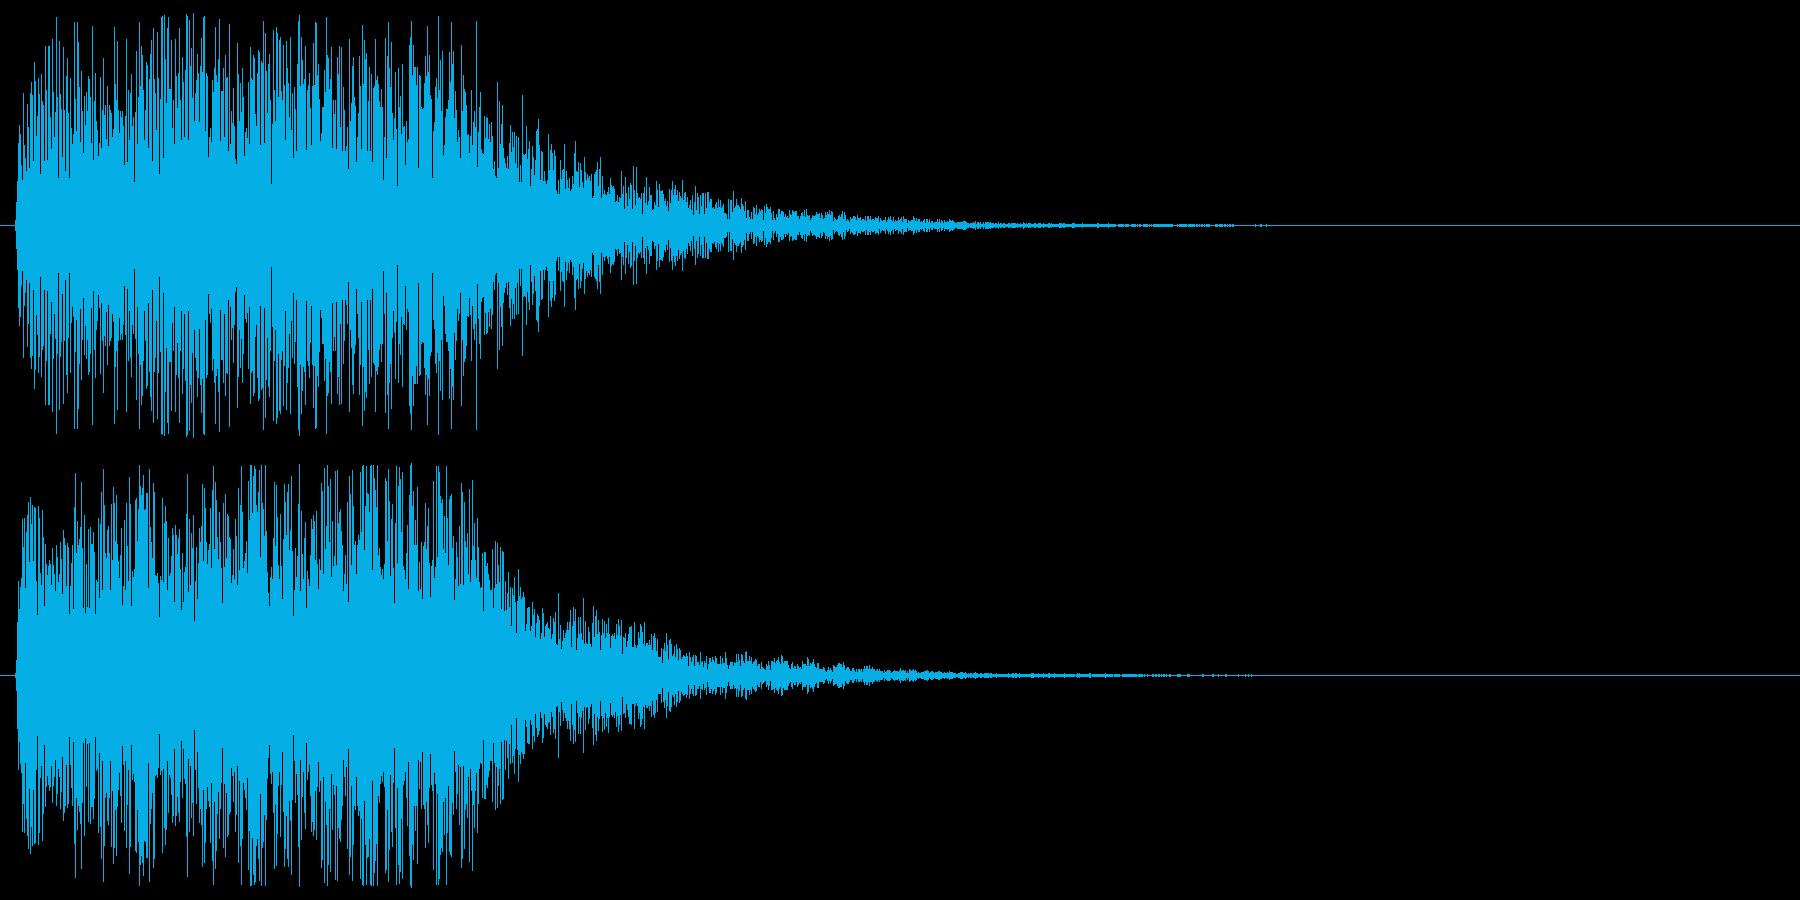 ピアノの低めのアラート 警告 危険 注意の再生済みの波形